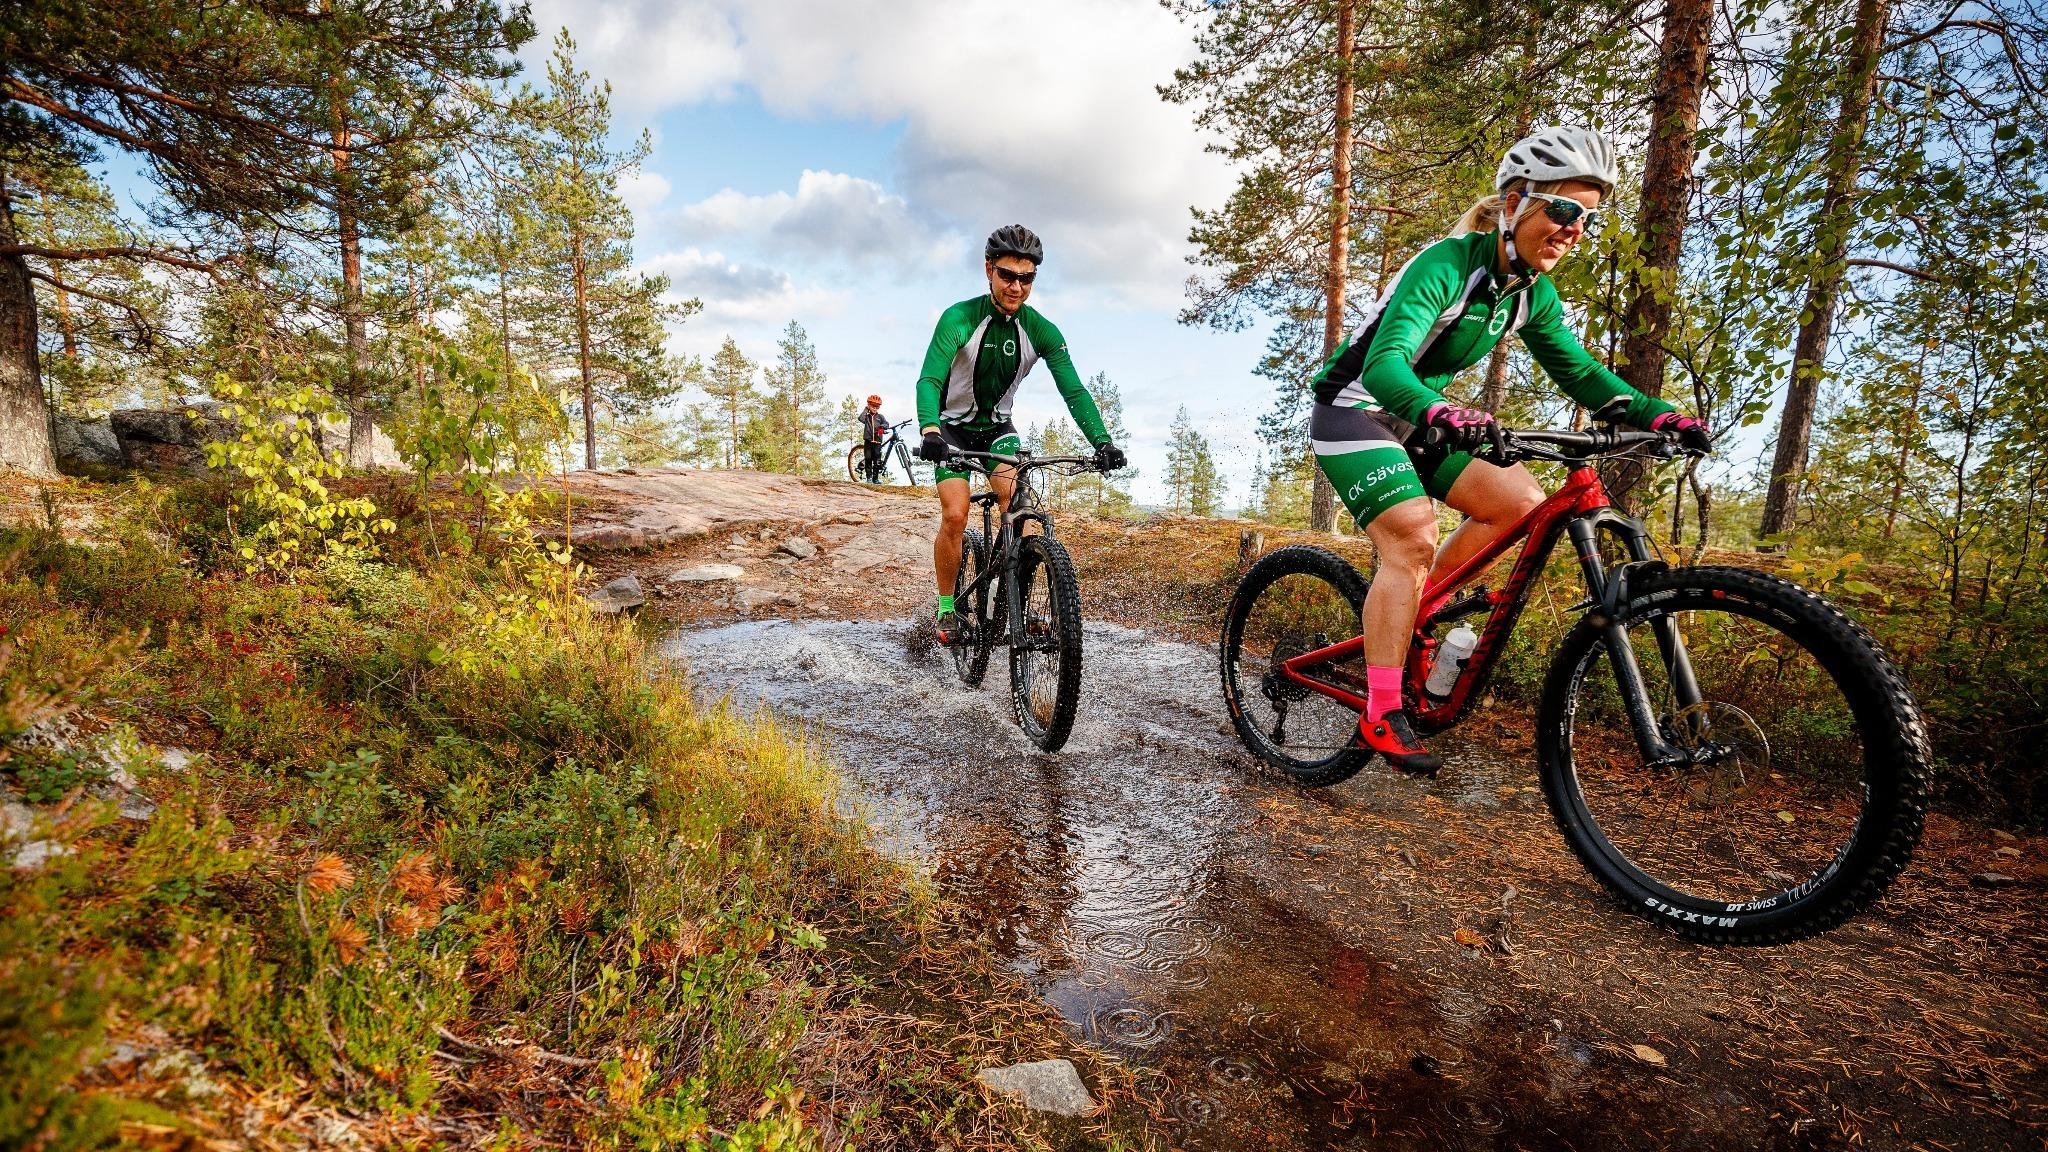 kvinna och man på mountainbikes i skogen